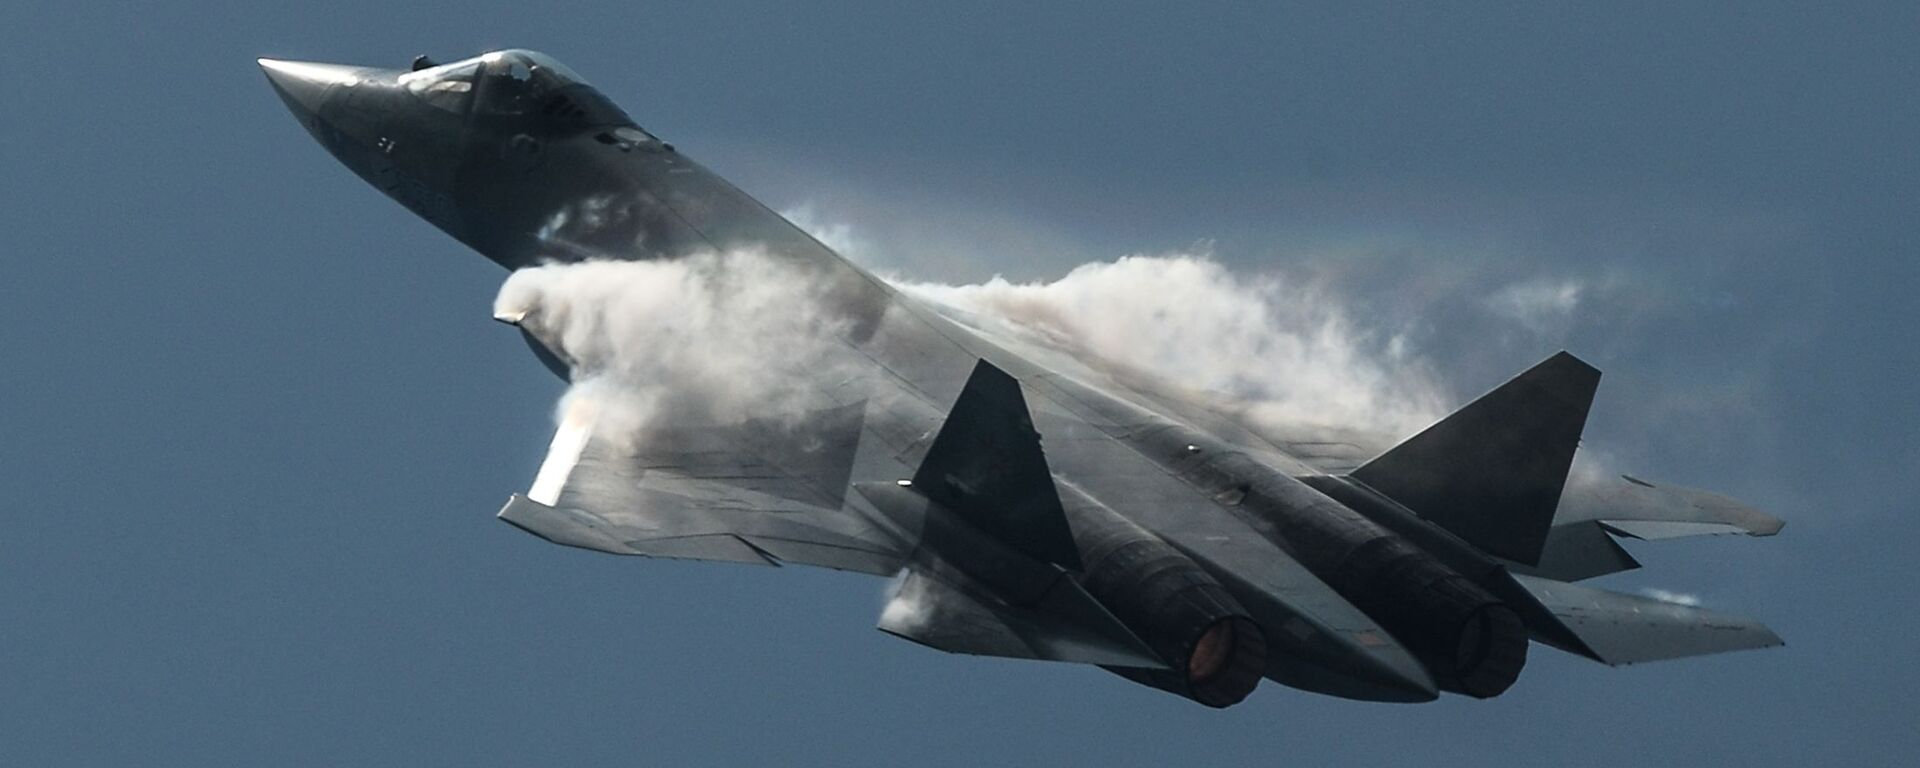 Máy bay chiến đấu thế hệ thứ năm T-50 (Su-57). Chuyến bay trình diễn. - Sputnik Việt Nam, 1920, 04.11.2017